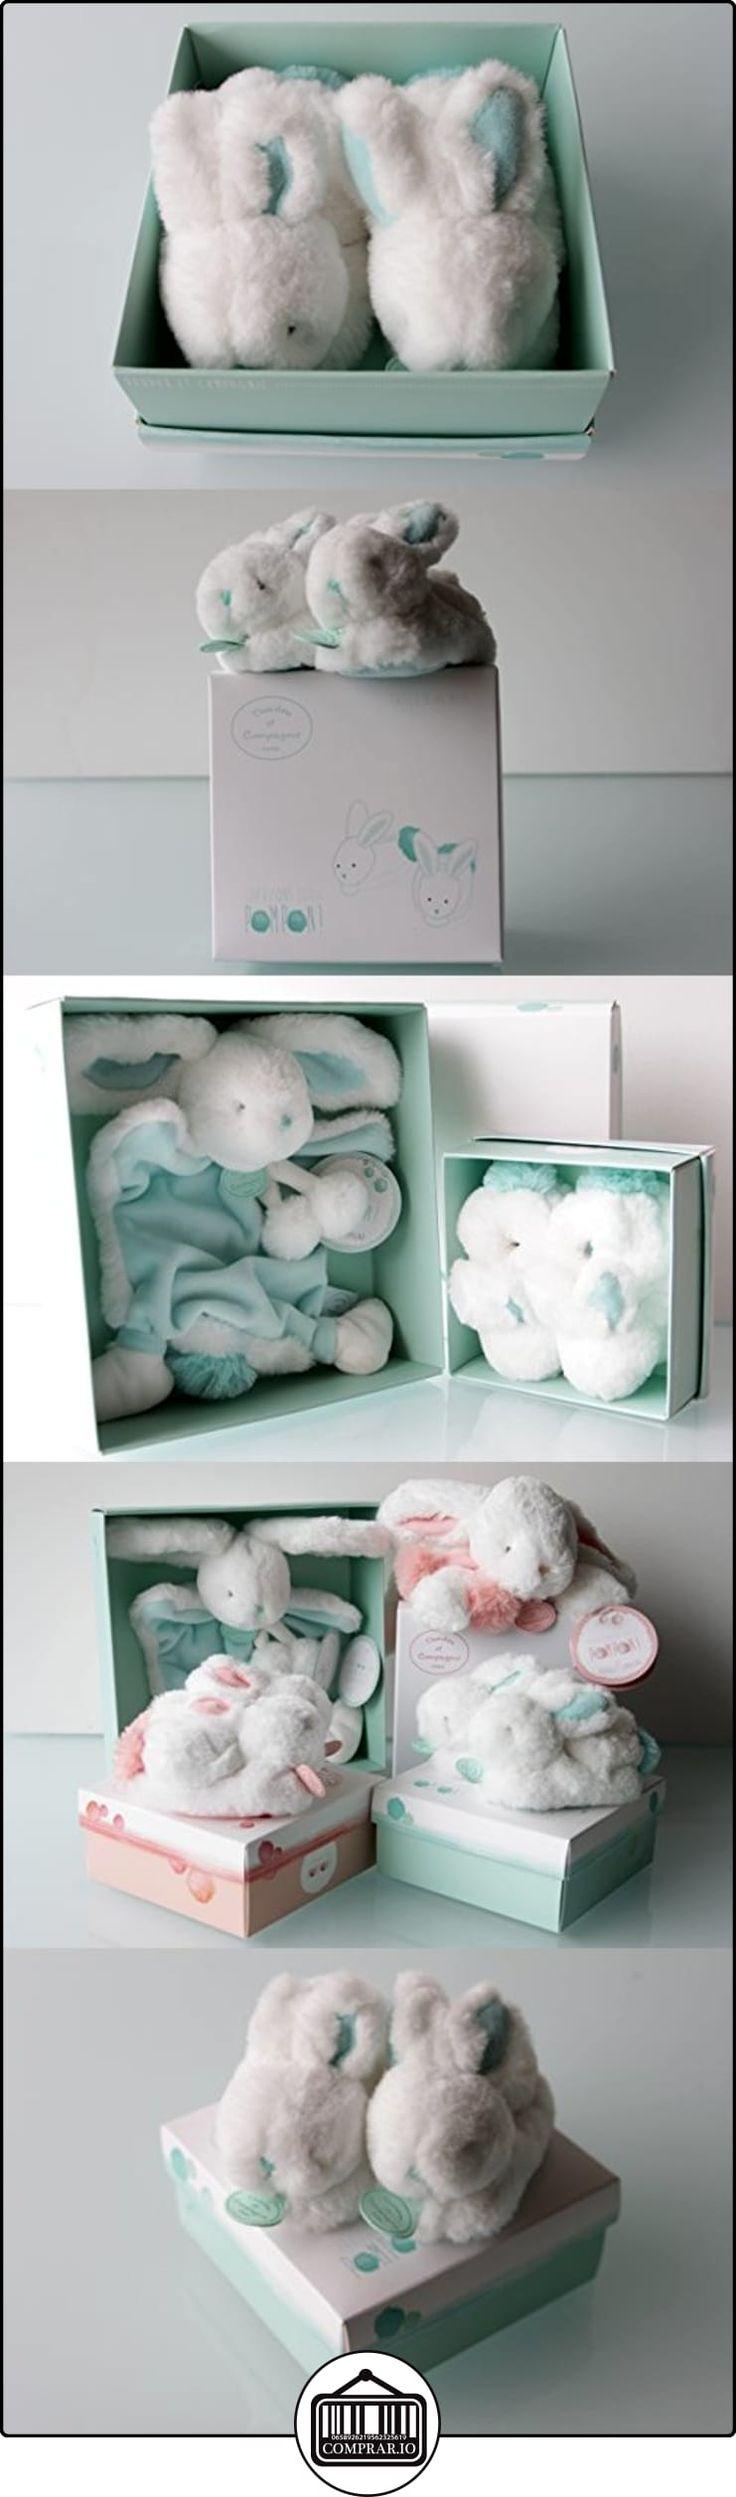 Recién nacido juguetes de felpa Ultra suave bebé conejos-Juguetes, edredones y zapatos (diseñado y hecho en París) azul Almond Talla:Baby Shoes  ✿ Regalos para recién nacidos - Bebes ✿ ▬► Ver oferta: http://comprar.io/goto/B01E0GKULS